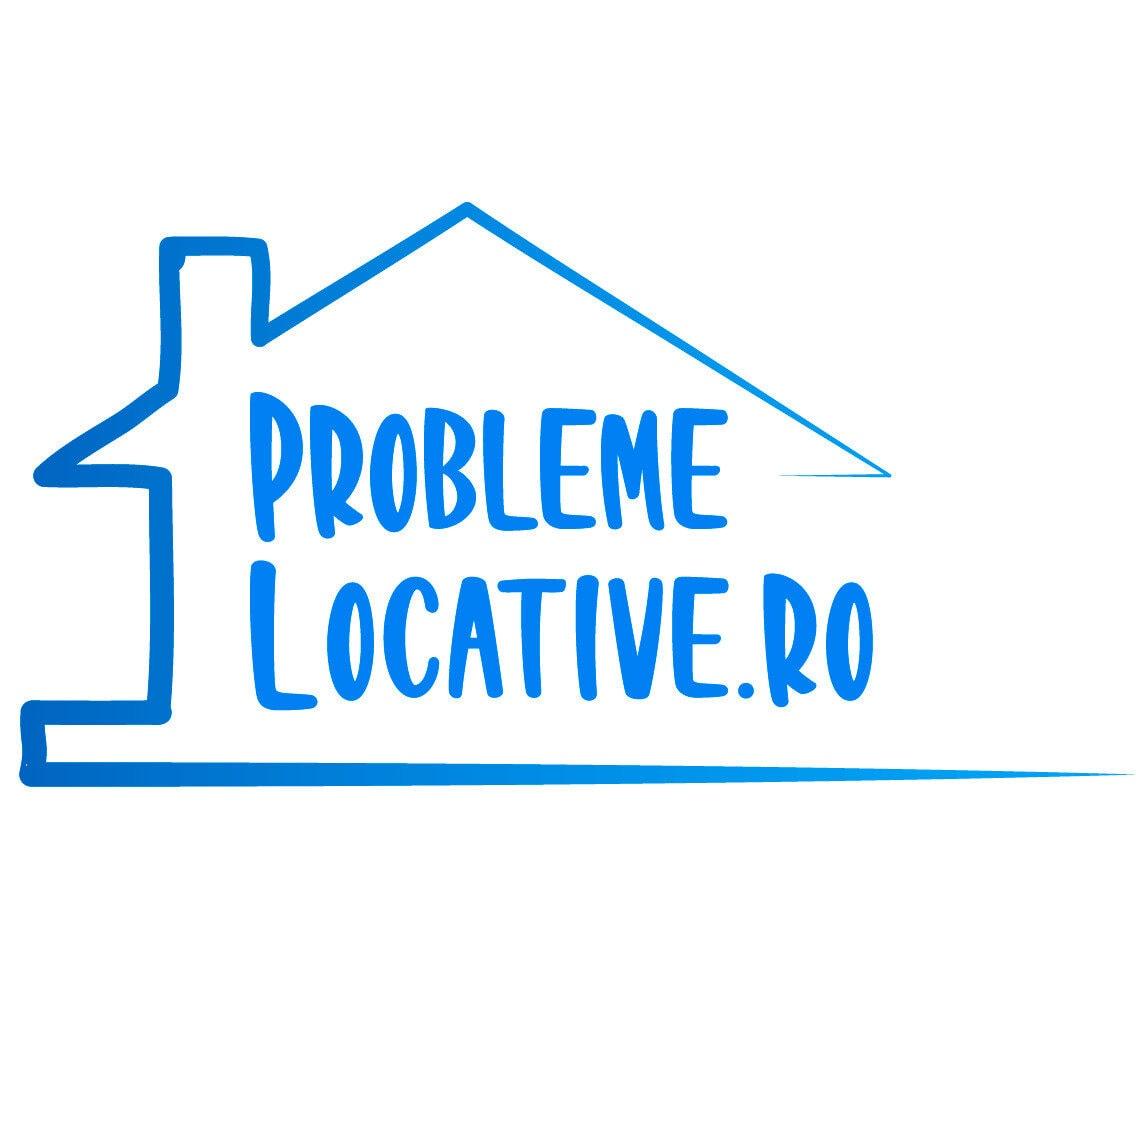 ProblemeLocative.ro